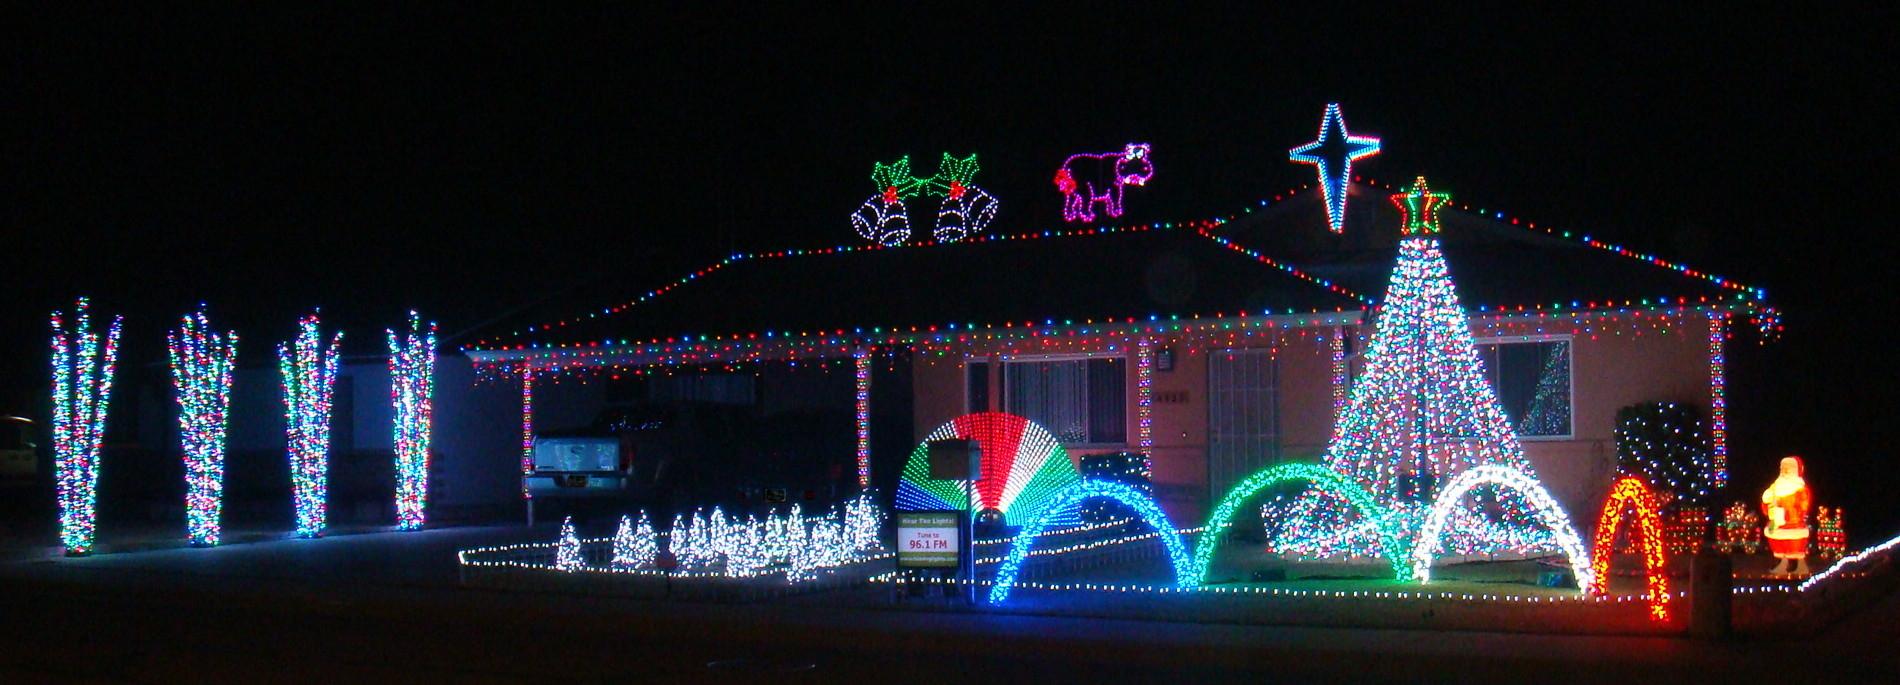 Christmas House Light Display